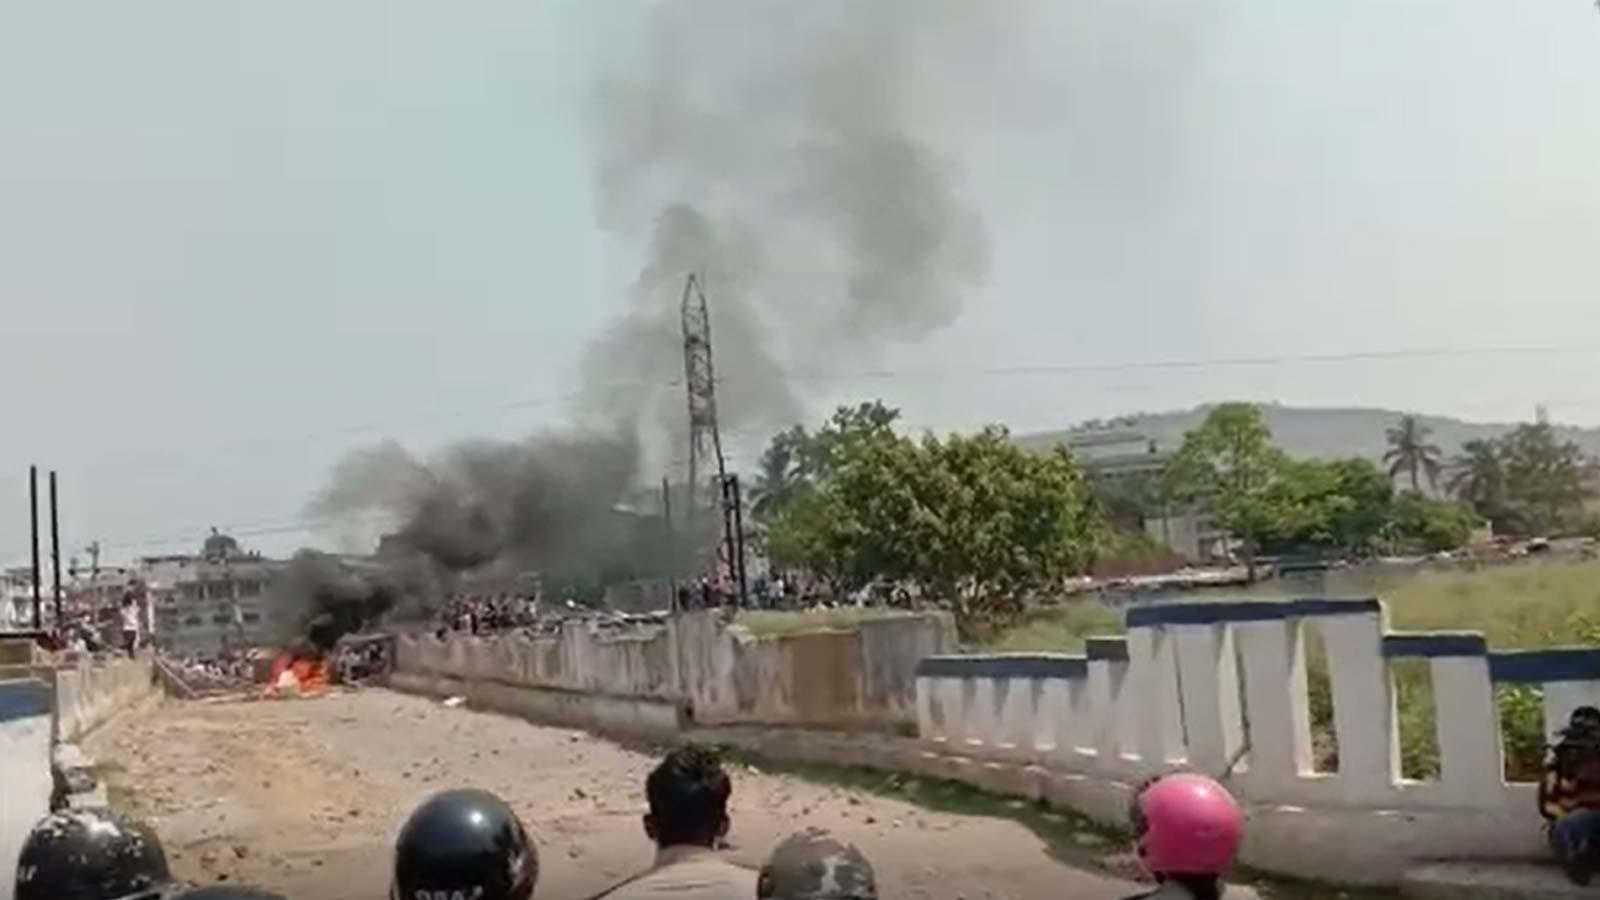 covid-19-mob-attacks-cops-demands-removal-of-containment-tag-in-odisha